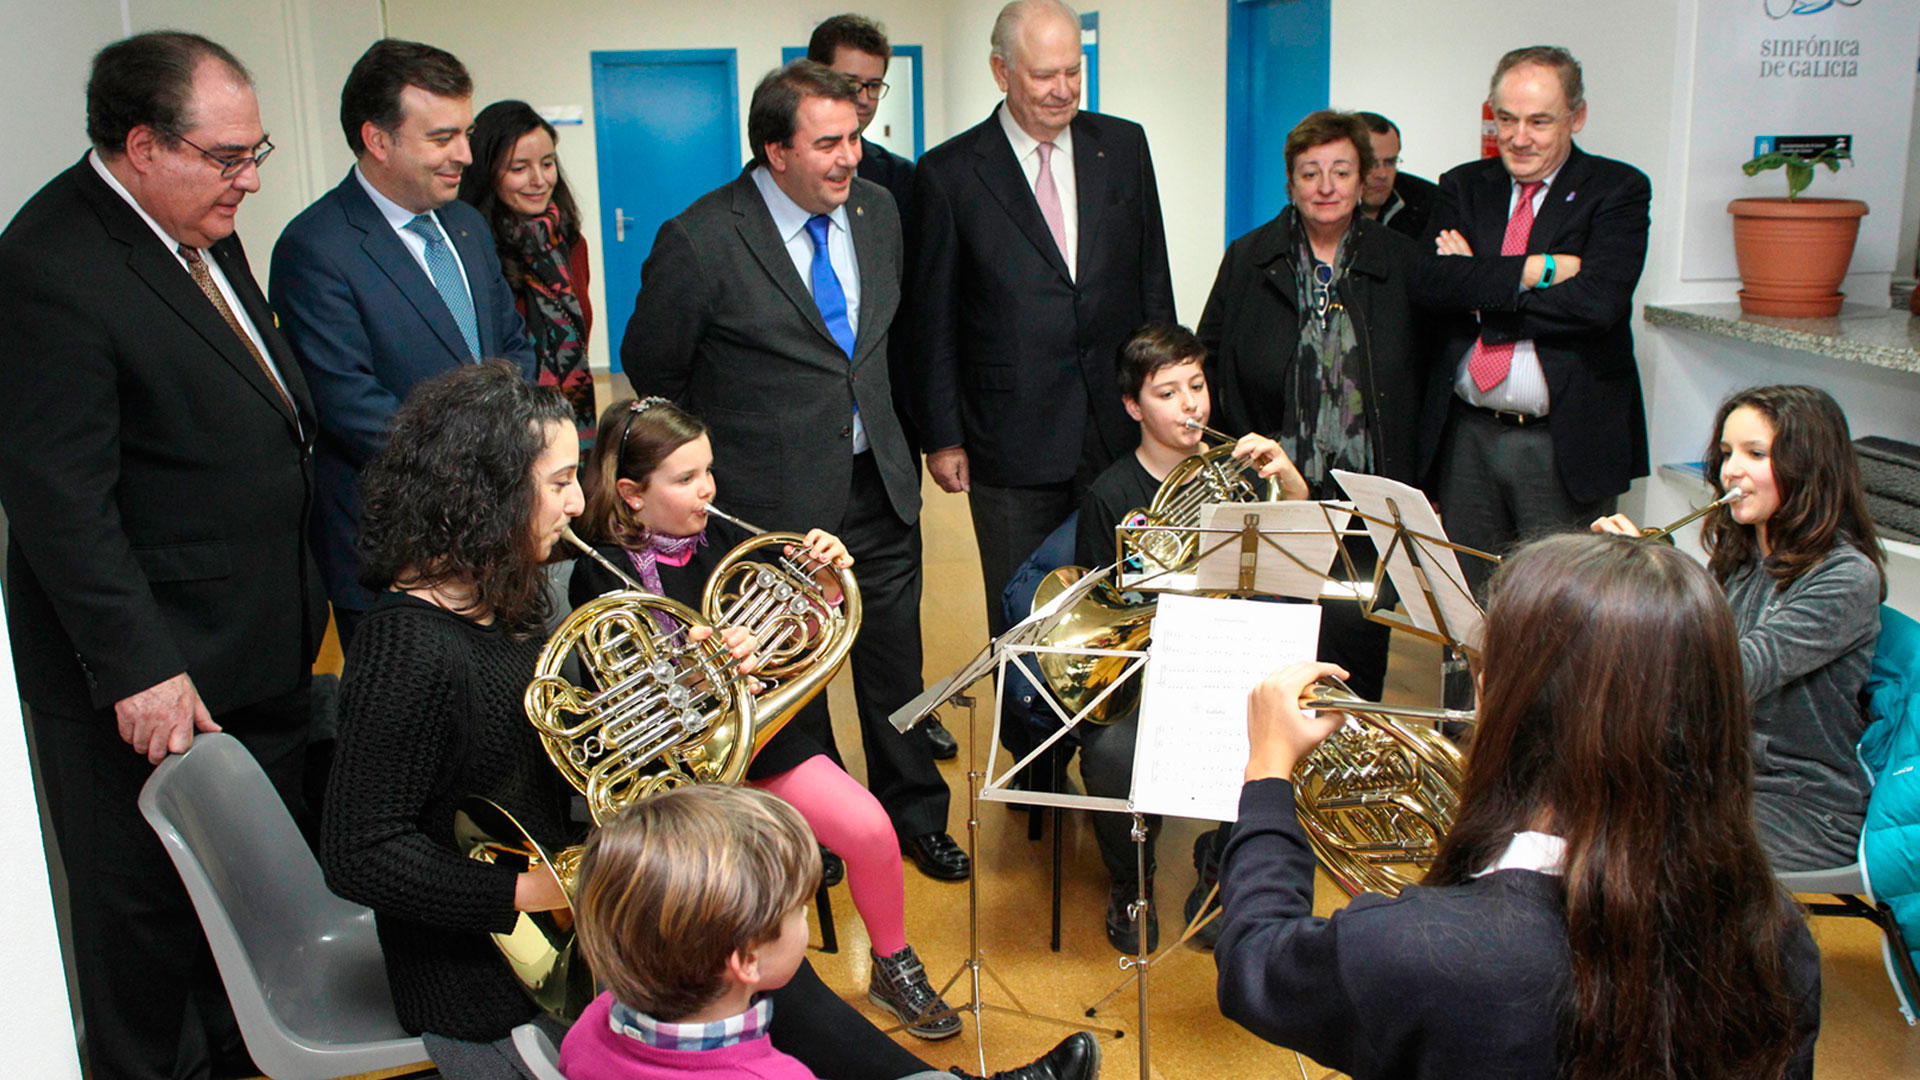 A Coruña estrena la temporada lírica de Amigos de la Ópera y la Orquesta Sinfónica de Galicia con cinco óperas, un ciclo de grandes cantantes y un proyecto didáctico